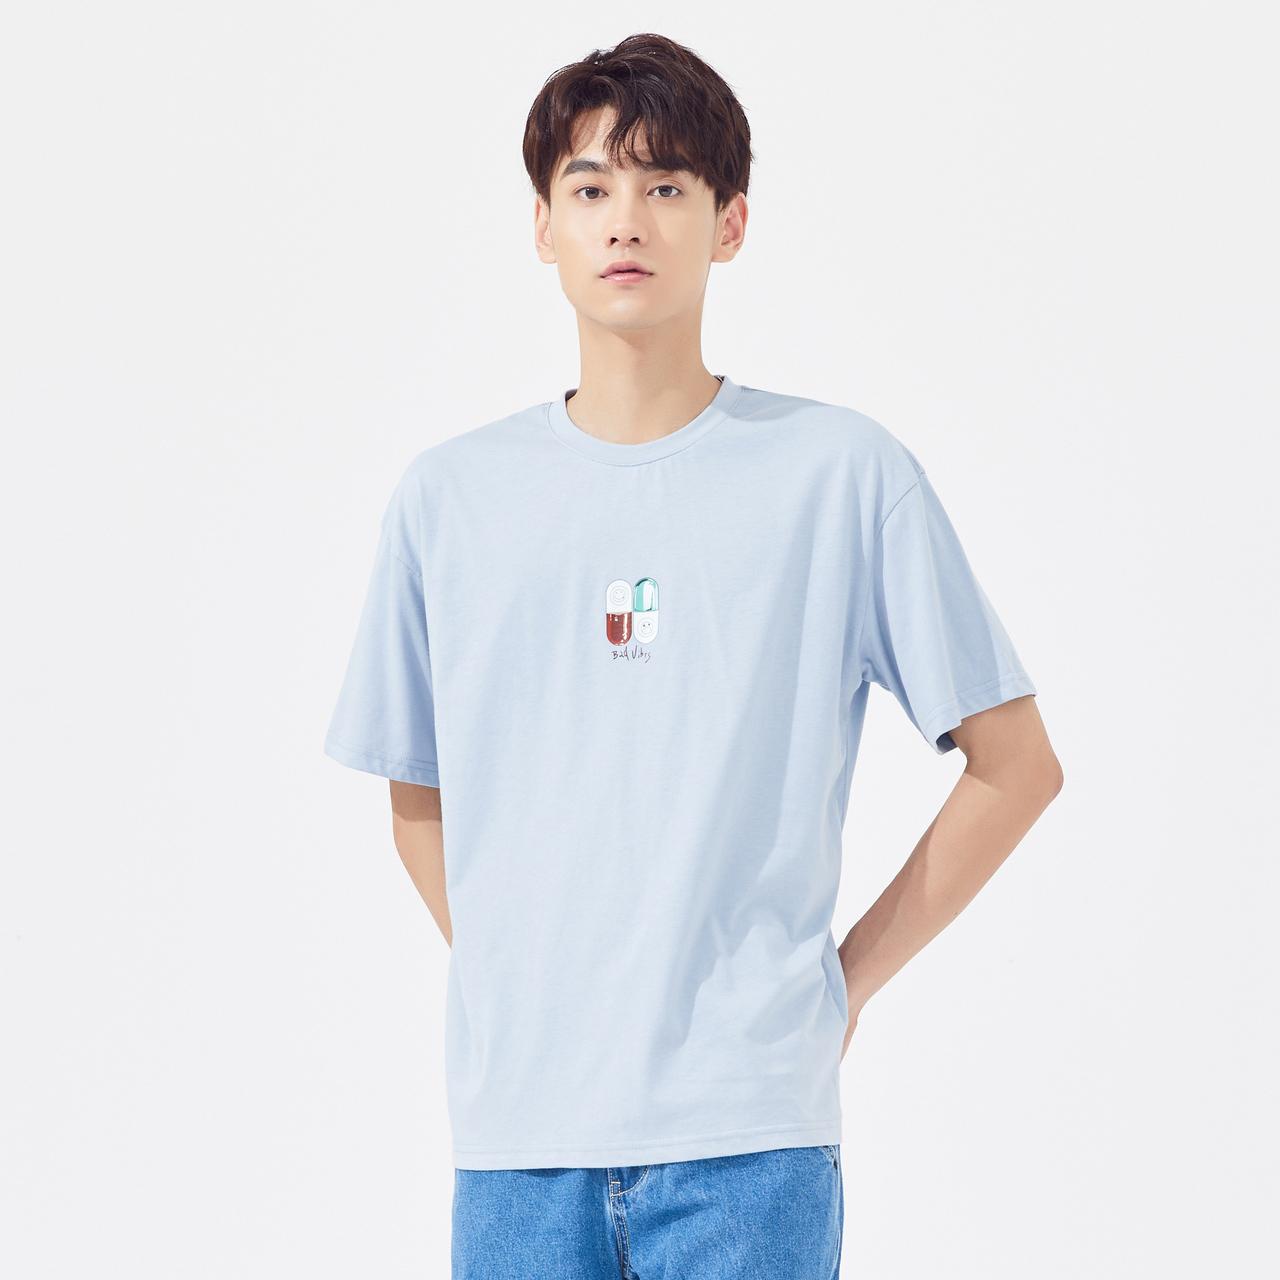 [100元3件]美特斯邦威短袖t恤男潮流2020新款夏季纯棉圆领上衣男